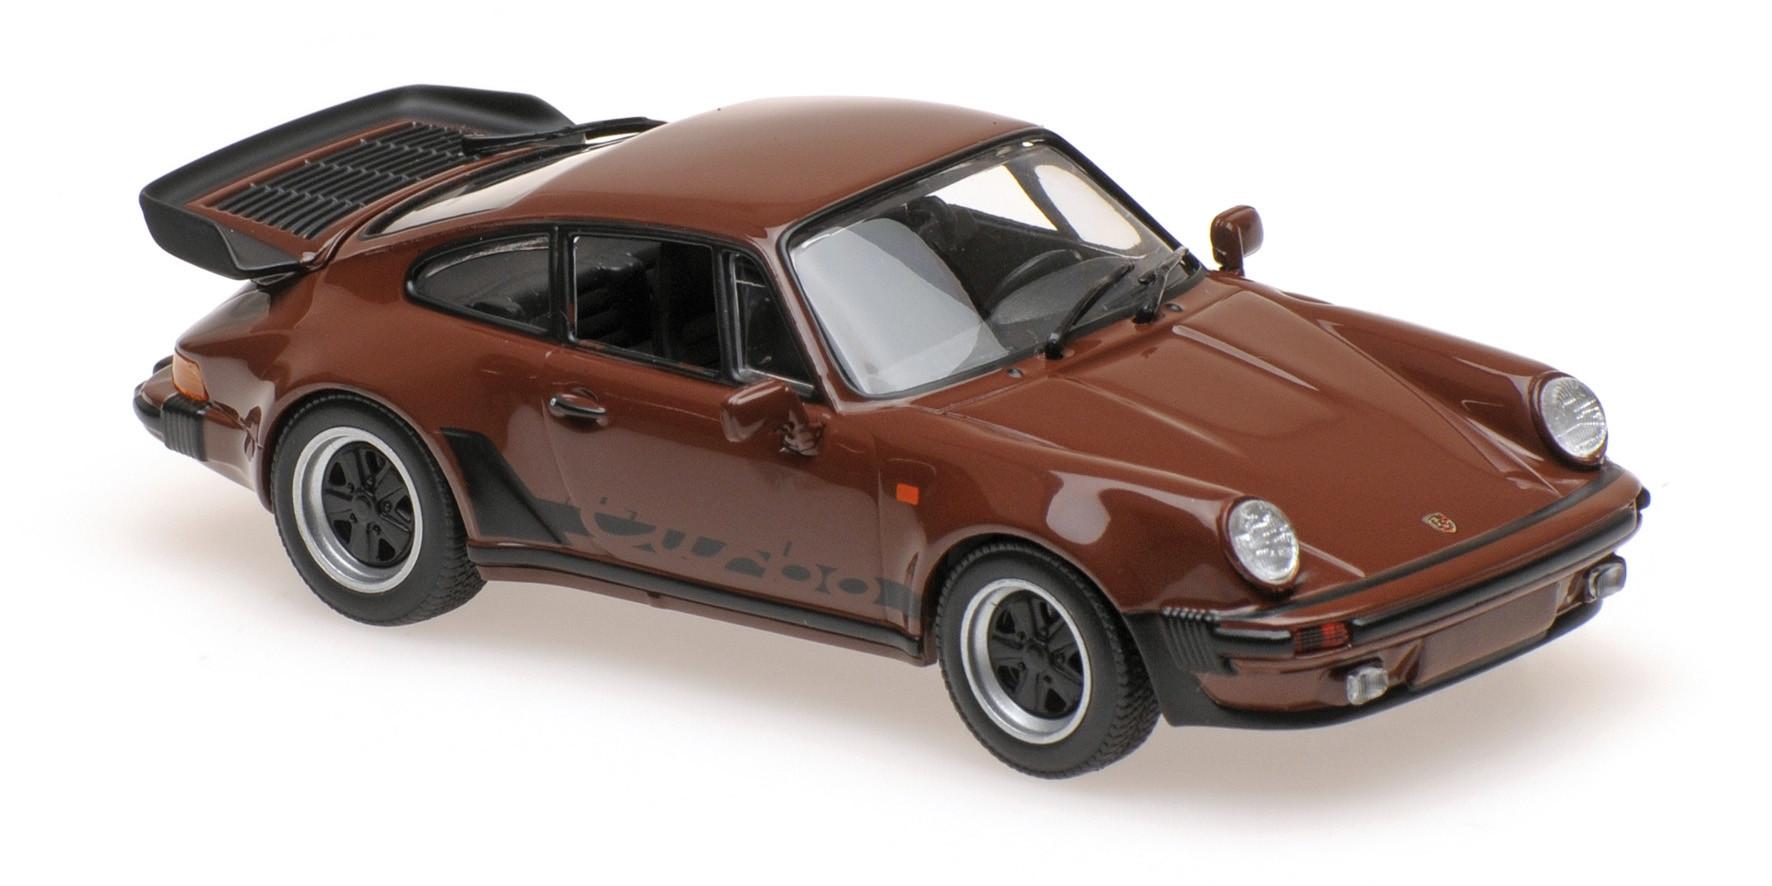 Porsche 911 Turbo 3 3 930 1979 Brown Maxichamps